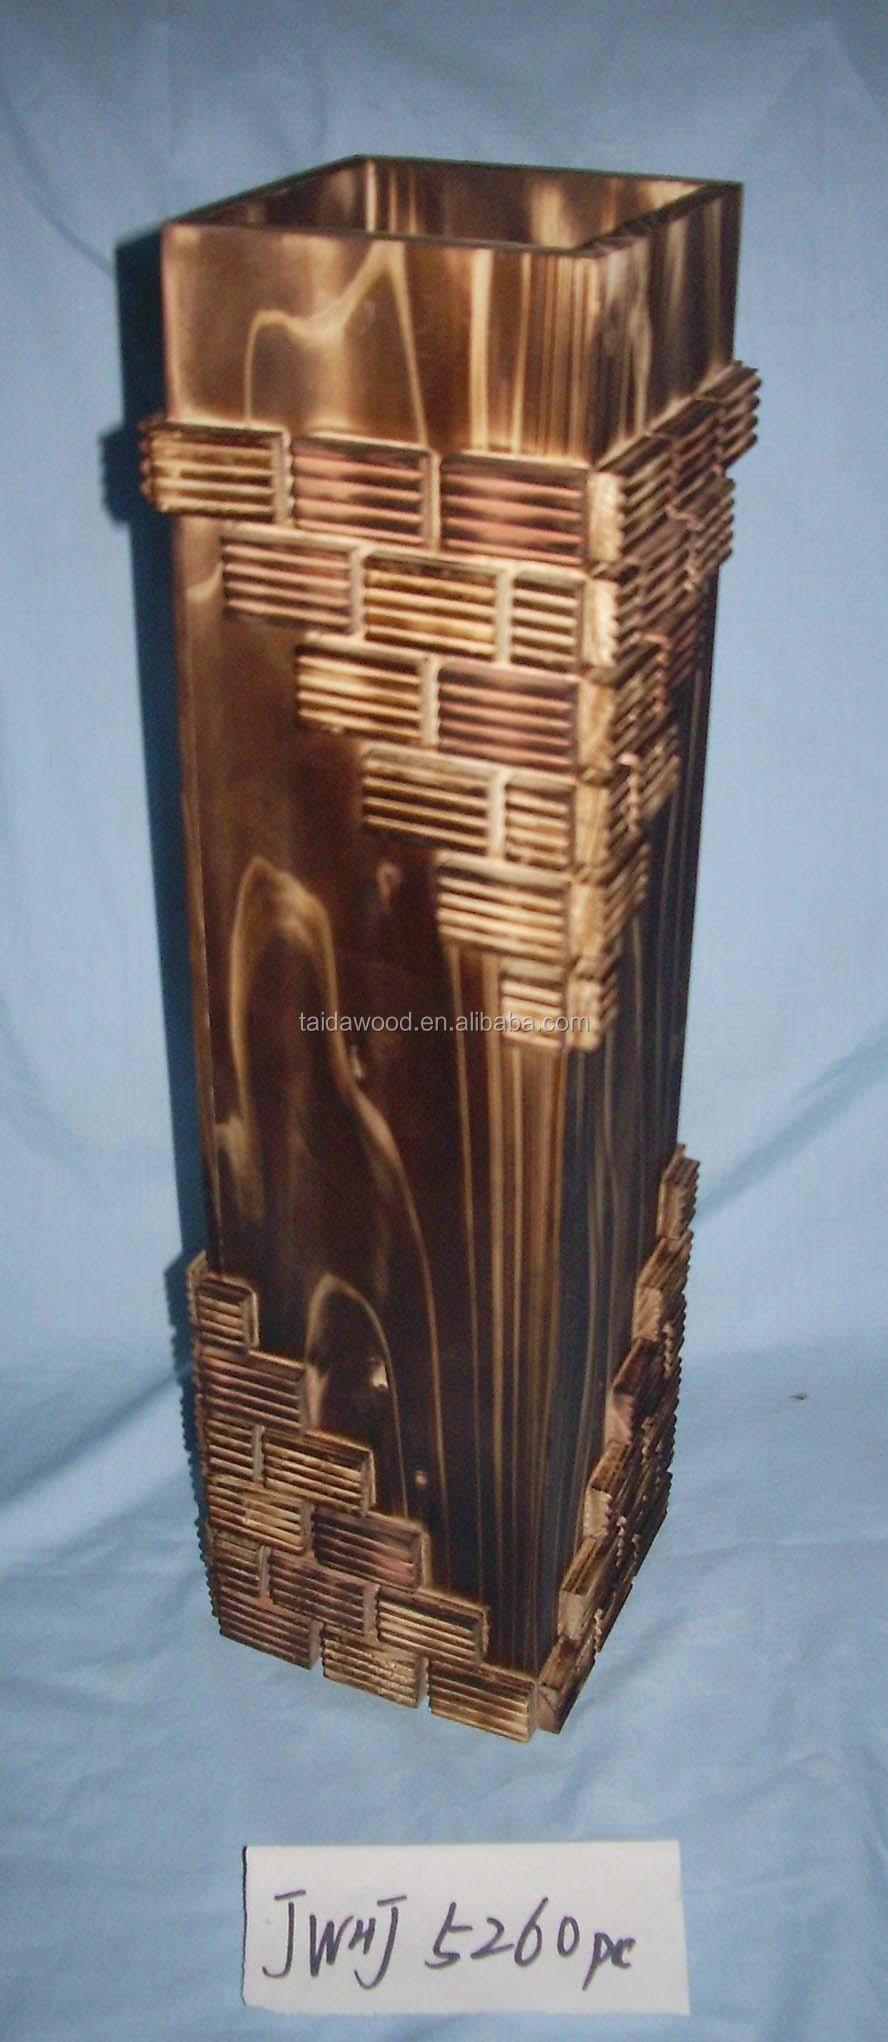 Wooden flower vase vase wood wooden vase flower wholesale fashion wooden flower vase vase wood wooden vase flower wholesale fashion atmosphere floridaeventfo Images